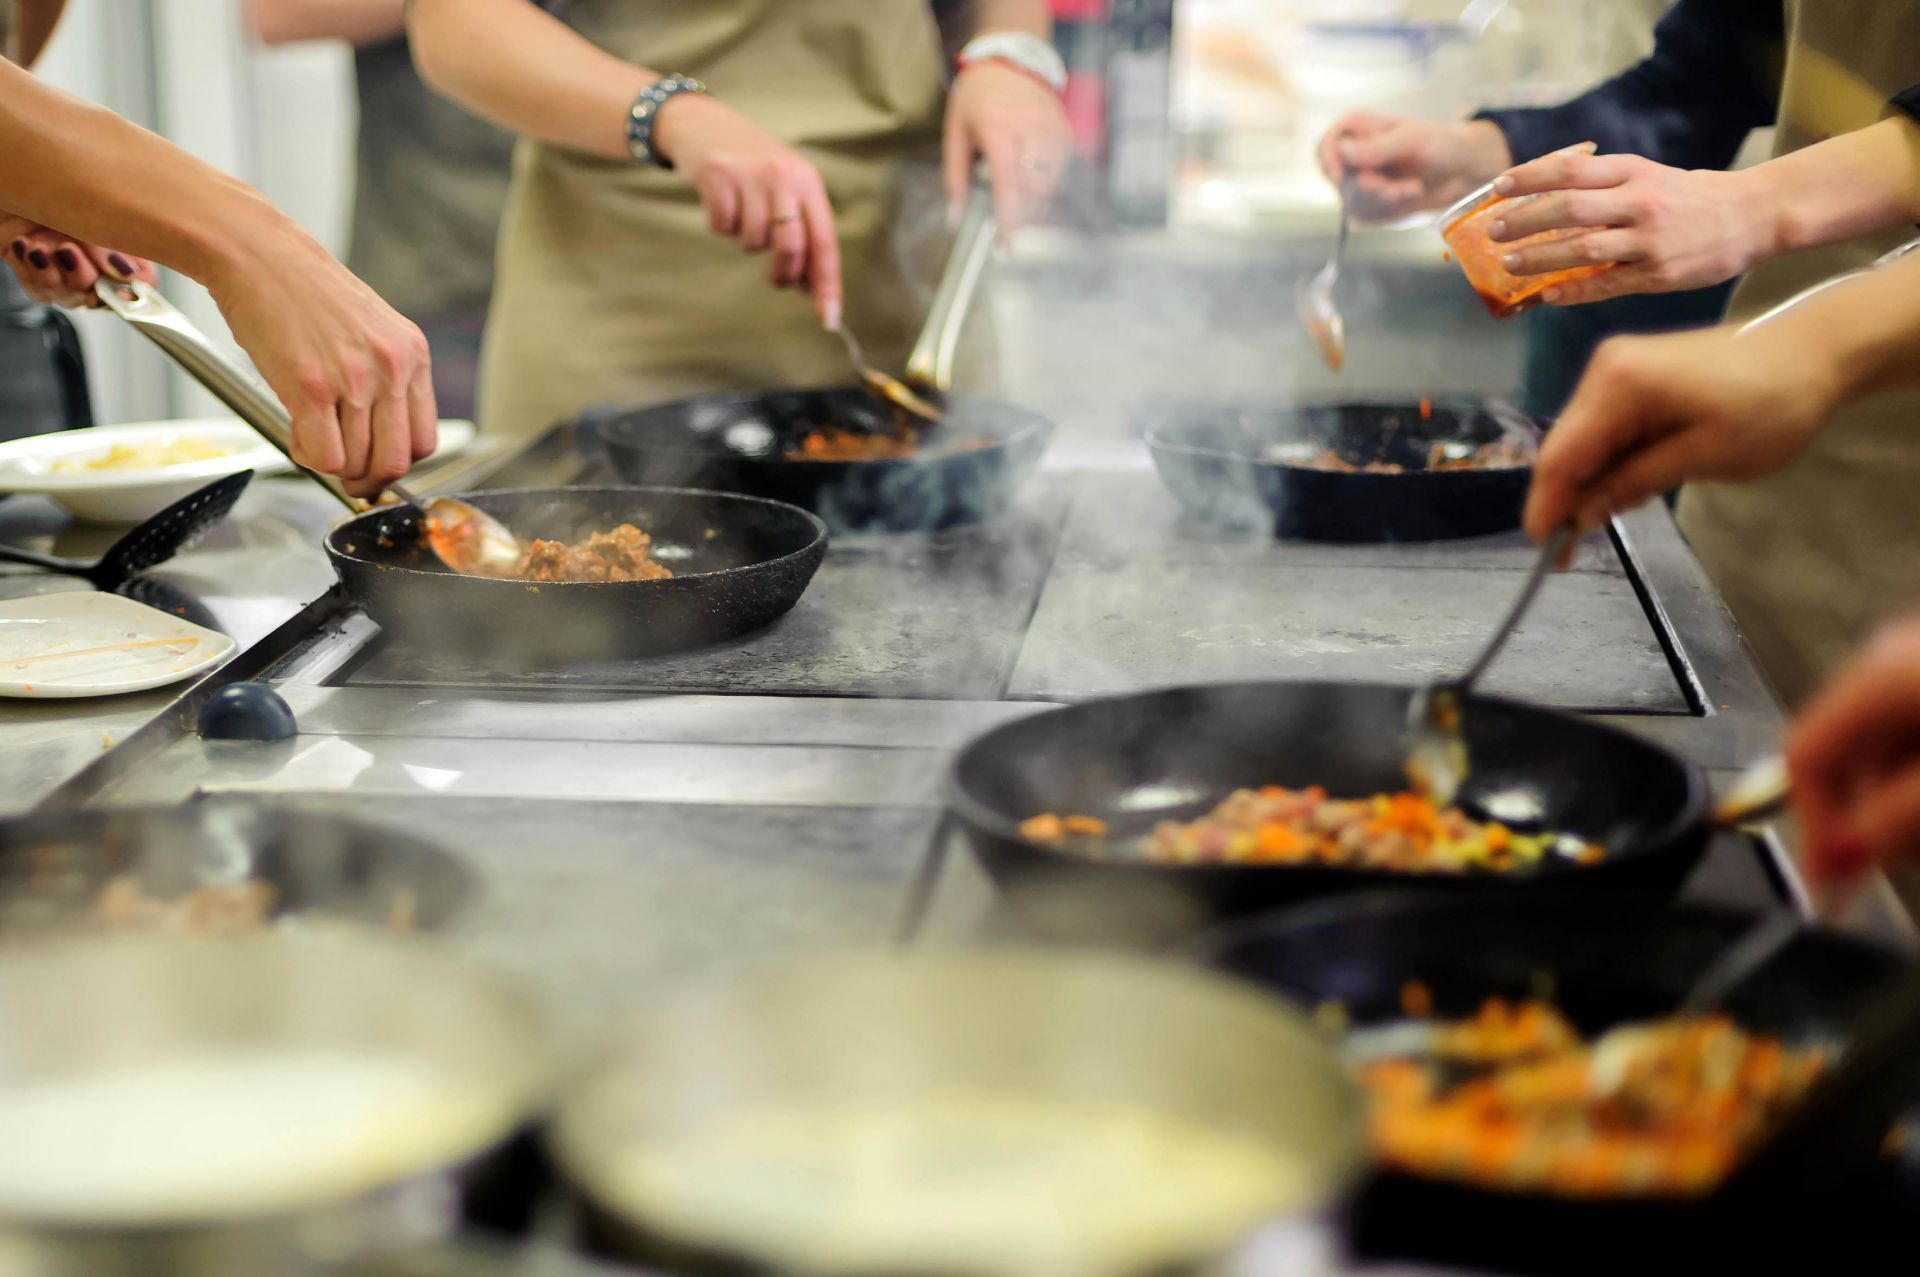 Greece workshops: Cooking